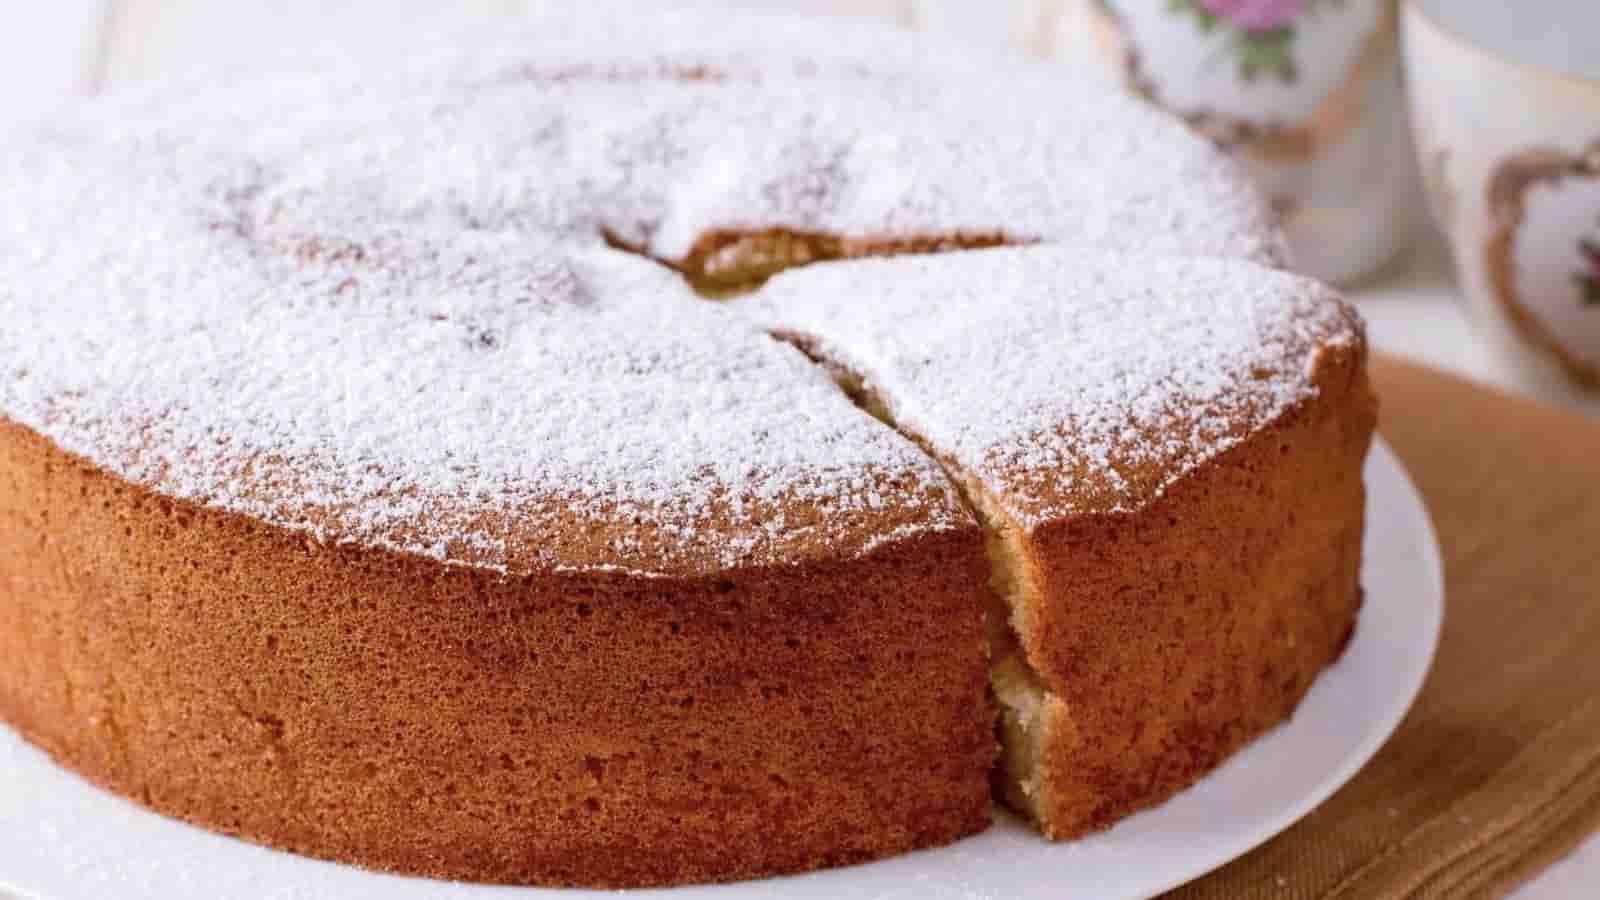 le gâteau à l'eau sans oeufs en 1 minute